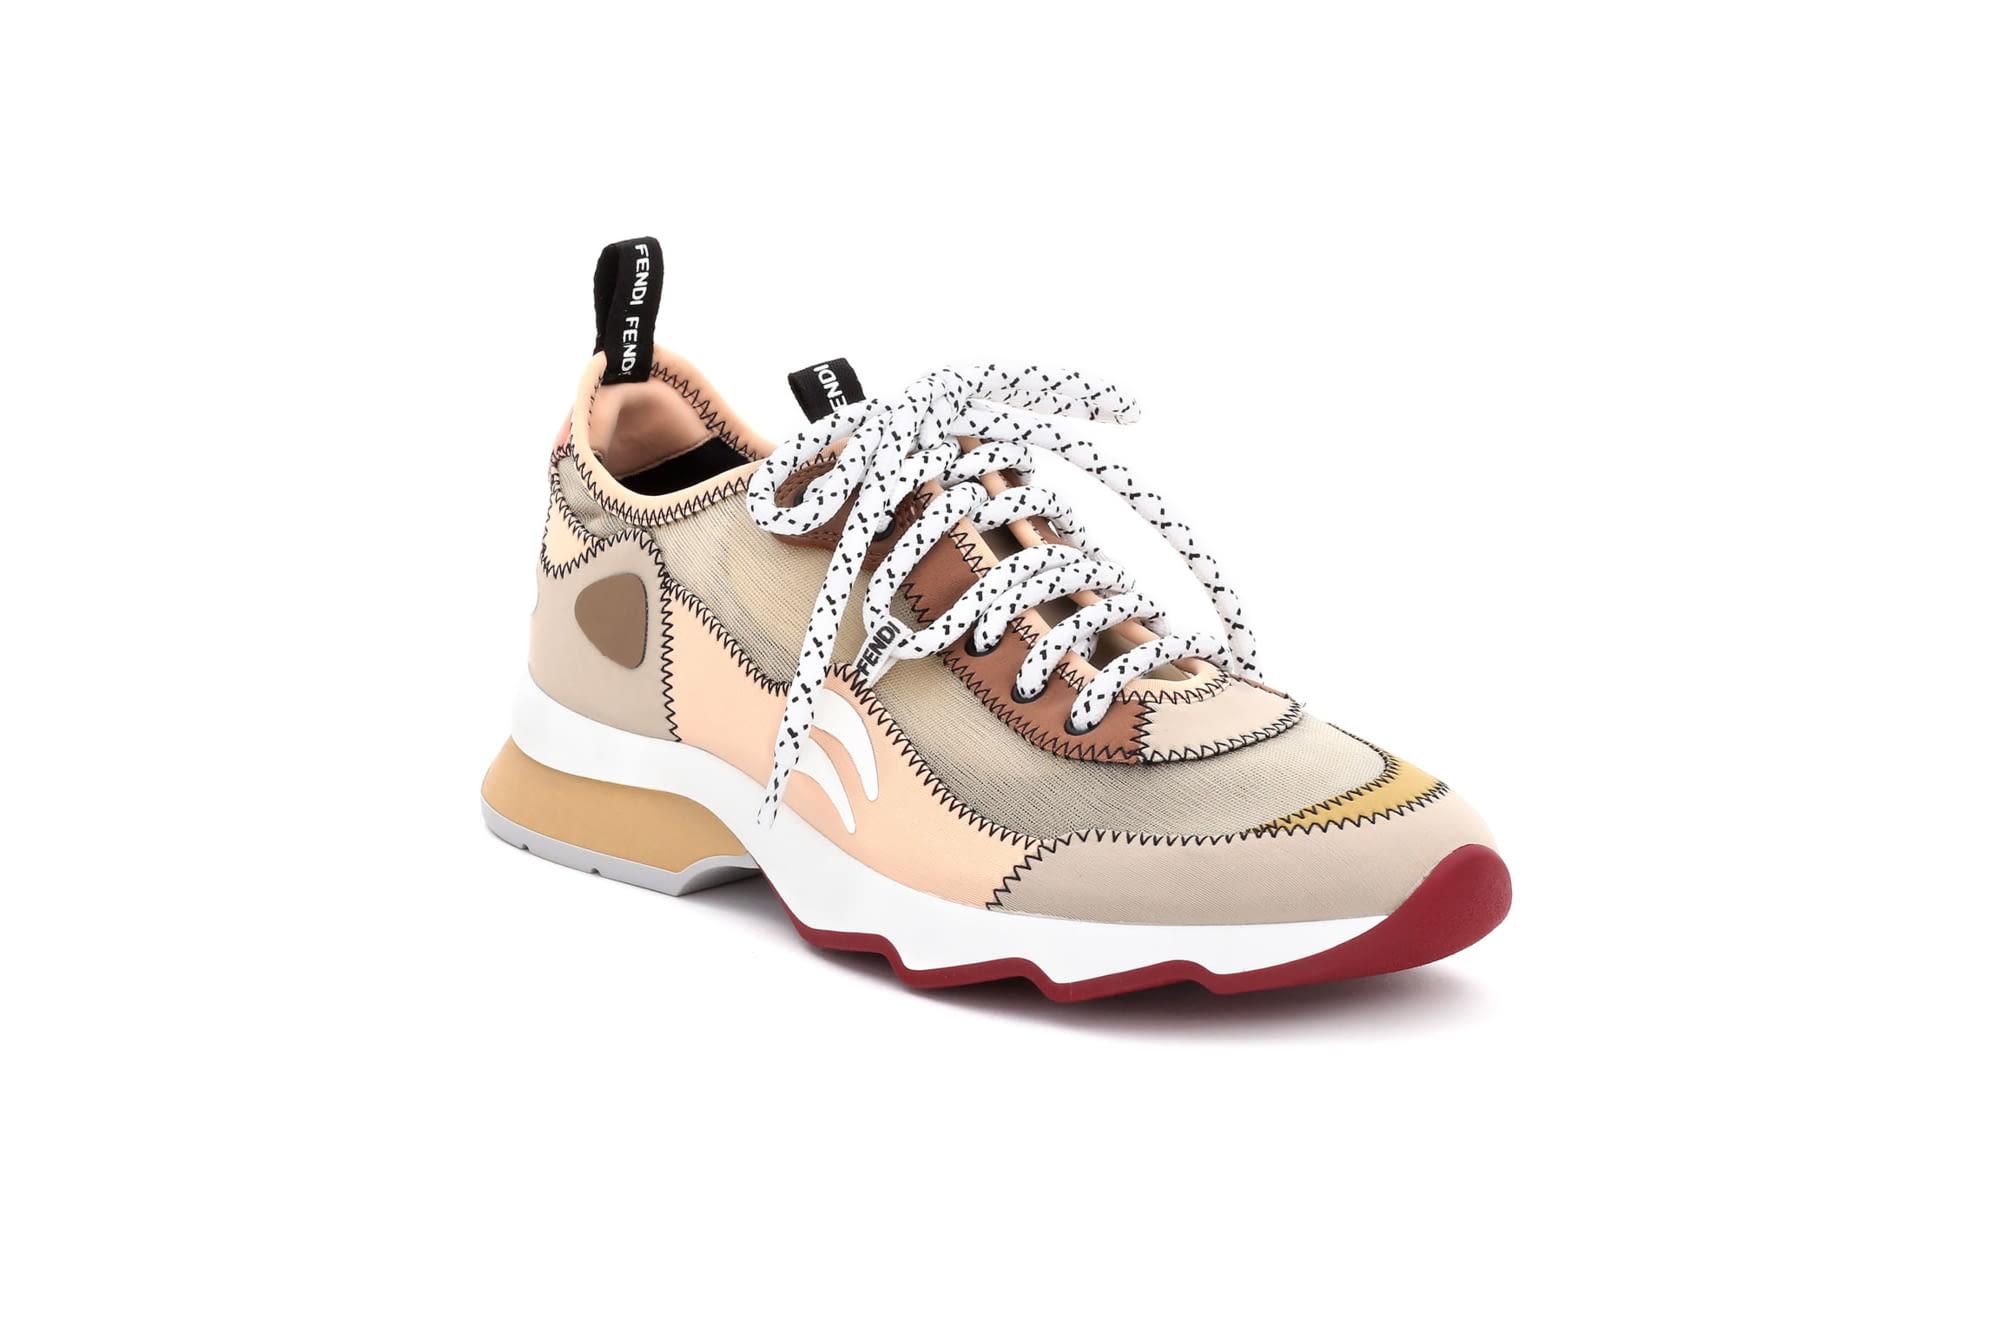 Fendi S/S19 womenswear accessories #47